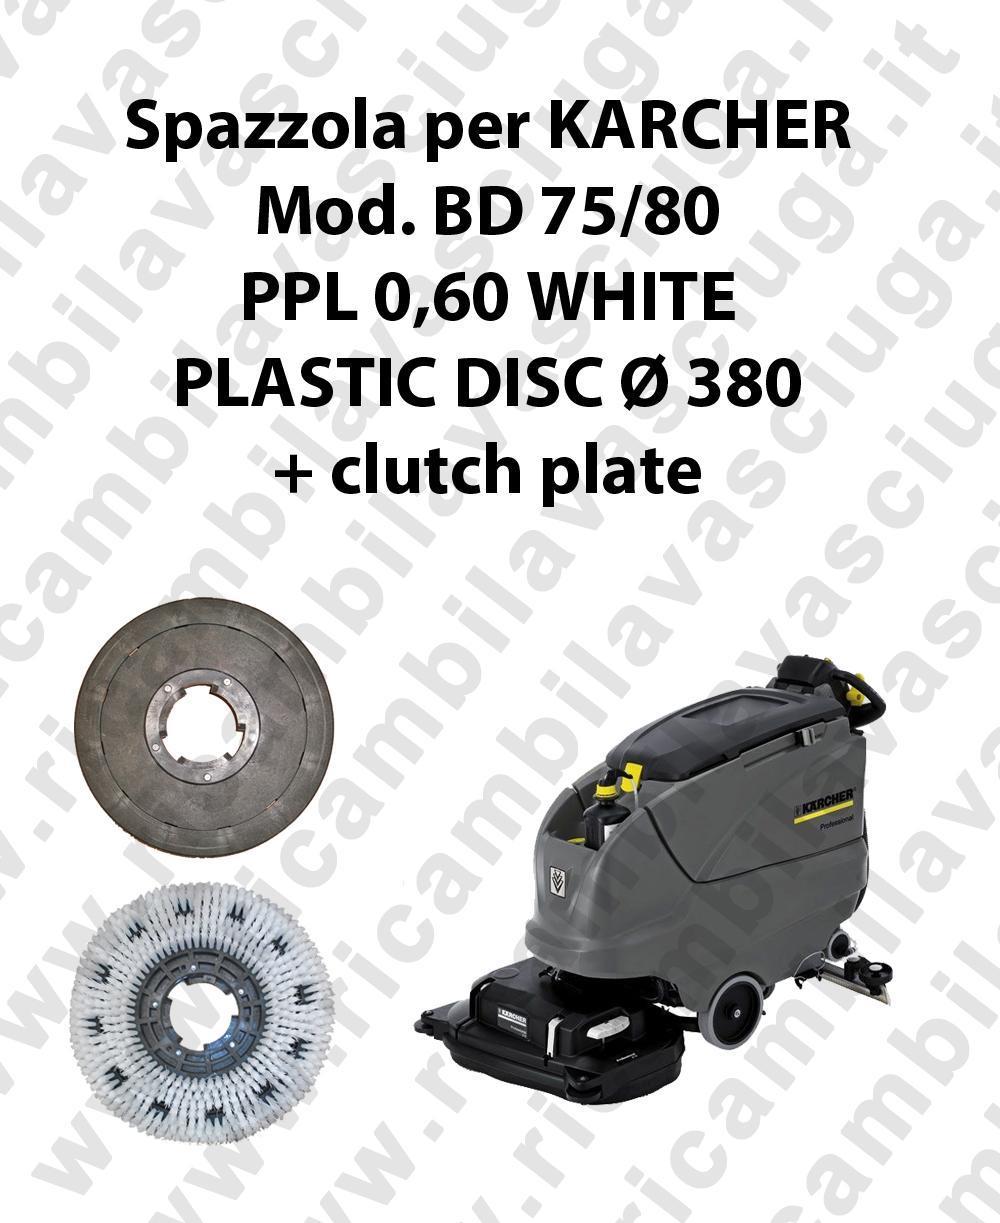 BROSSE A LAVER PPL 0.6 WHITE pour autolaveuses KARCHER Reference BD 75/80